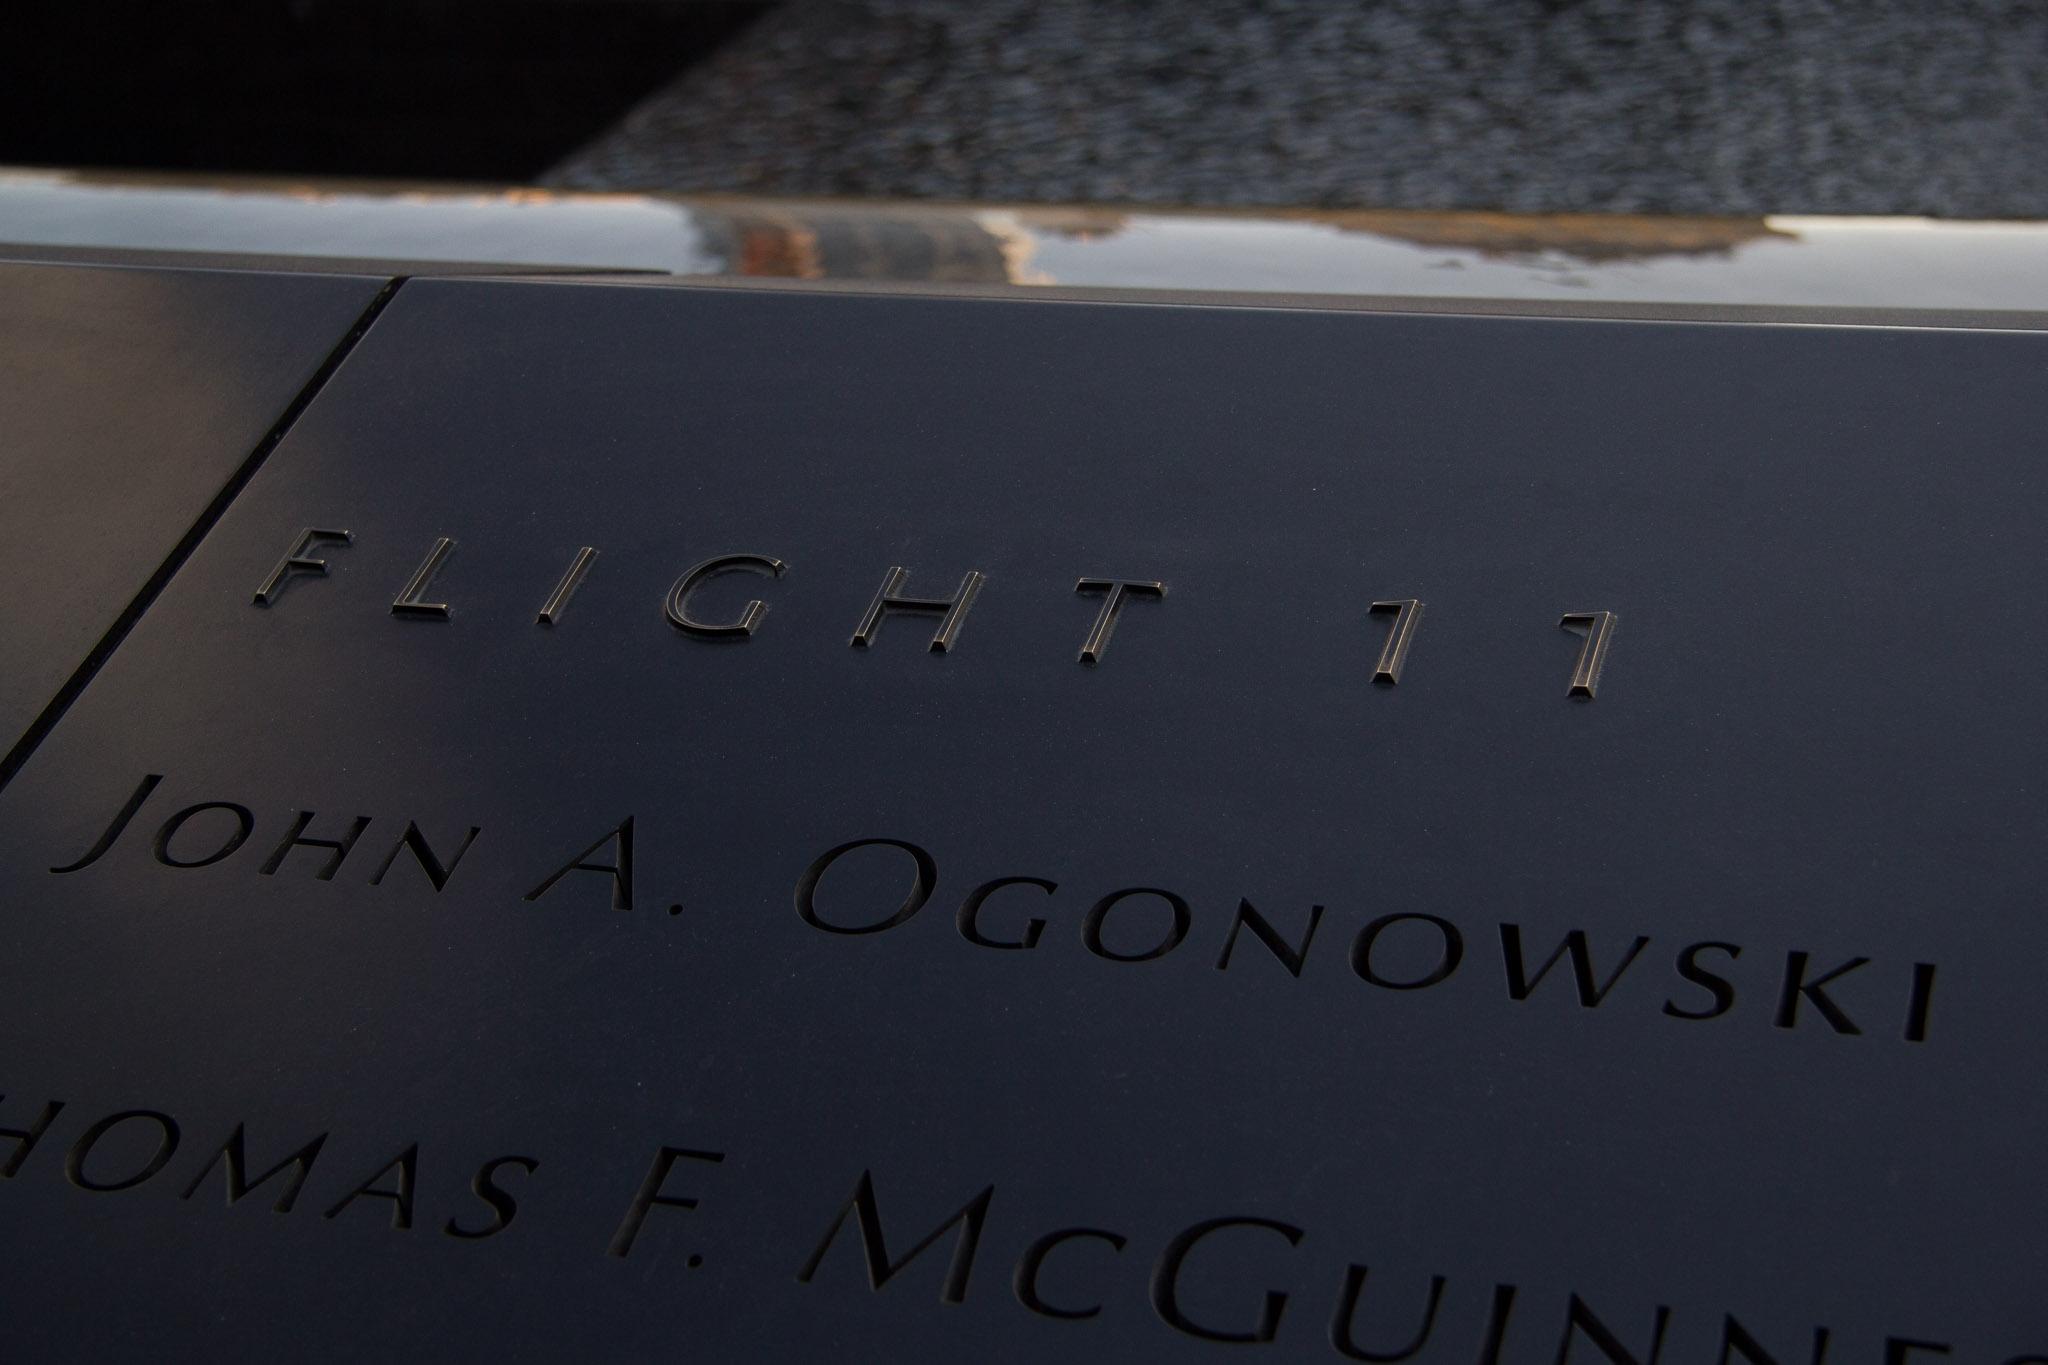 names-on-memorial-at-9/11-world-trade-center-memorial